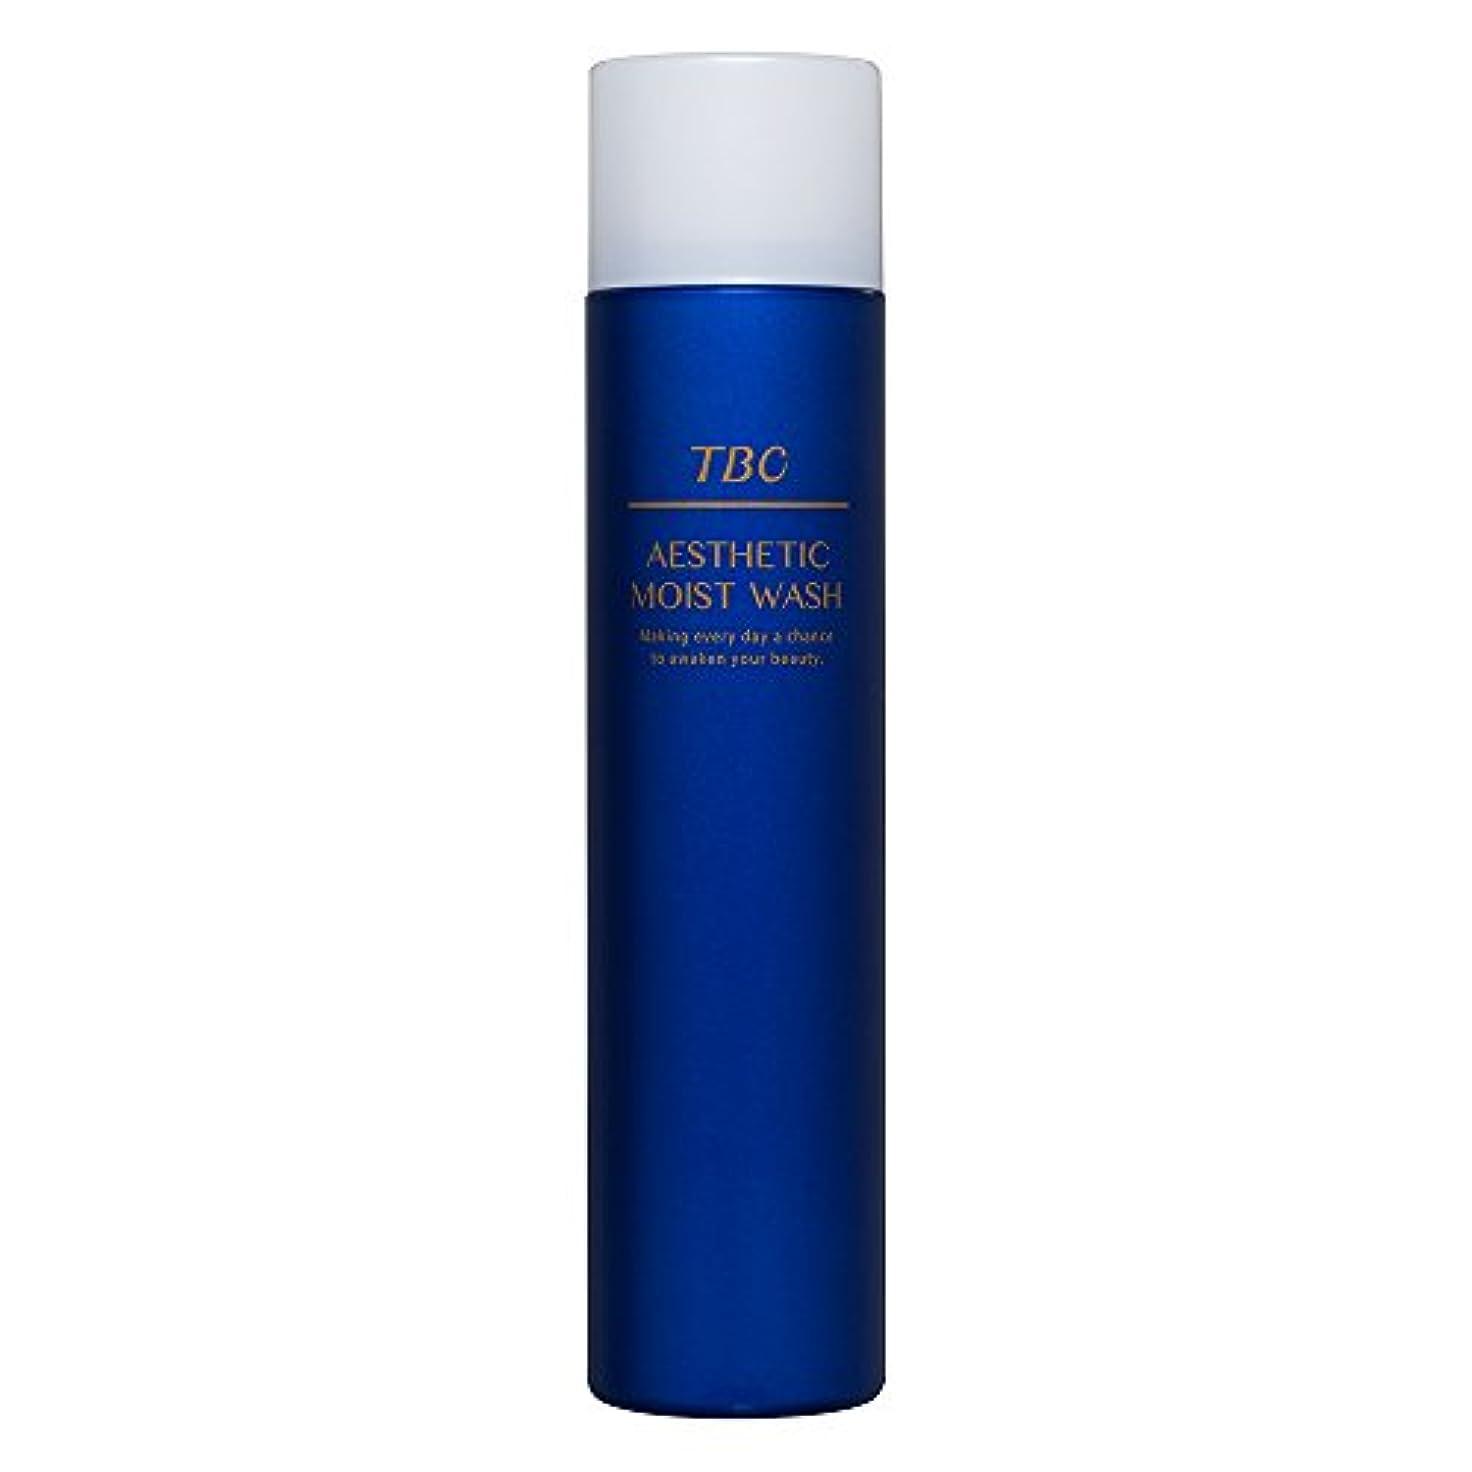 すでに建てる看板TBC エステティックモイストウォッシュ 洗顔料/洗顔フォーム/泡洗顔/炭酸泡/無添加処方